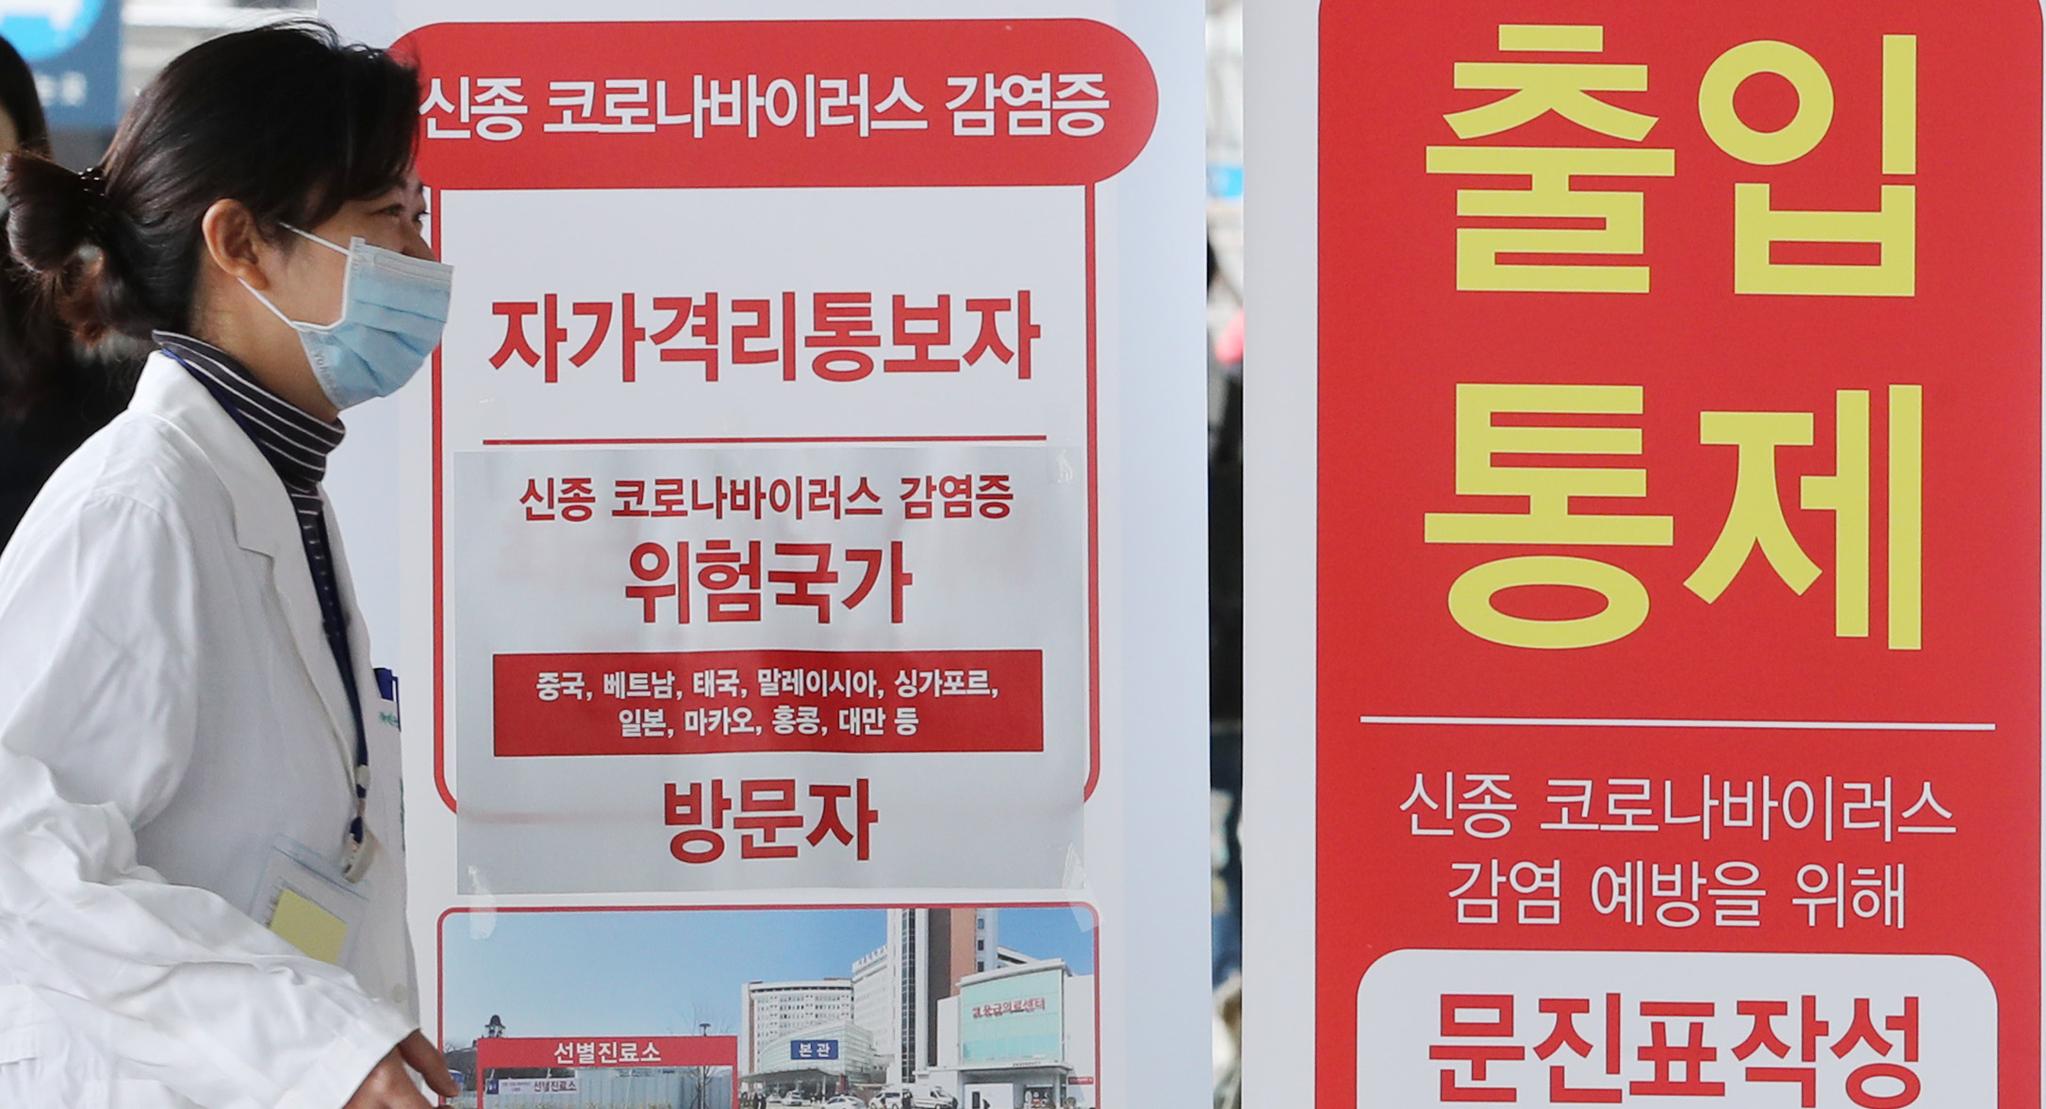 신종 코로나바이러스 감염증(코로나19) 30번째 확진자가 격리된 17일 서울 종로구 서울대병원에서 의료진이 분주하게 움직이고 있다. [뉴스1]